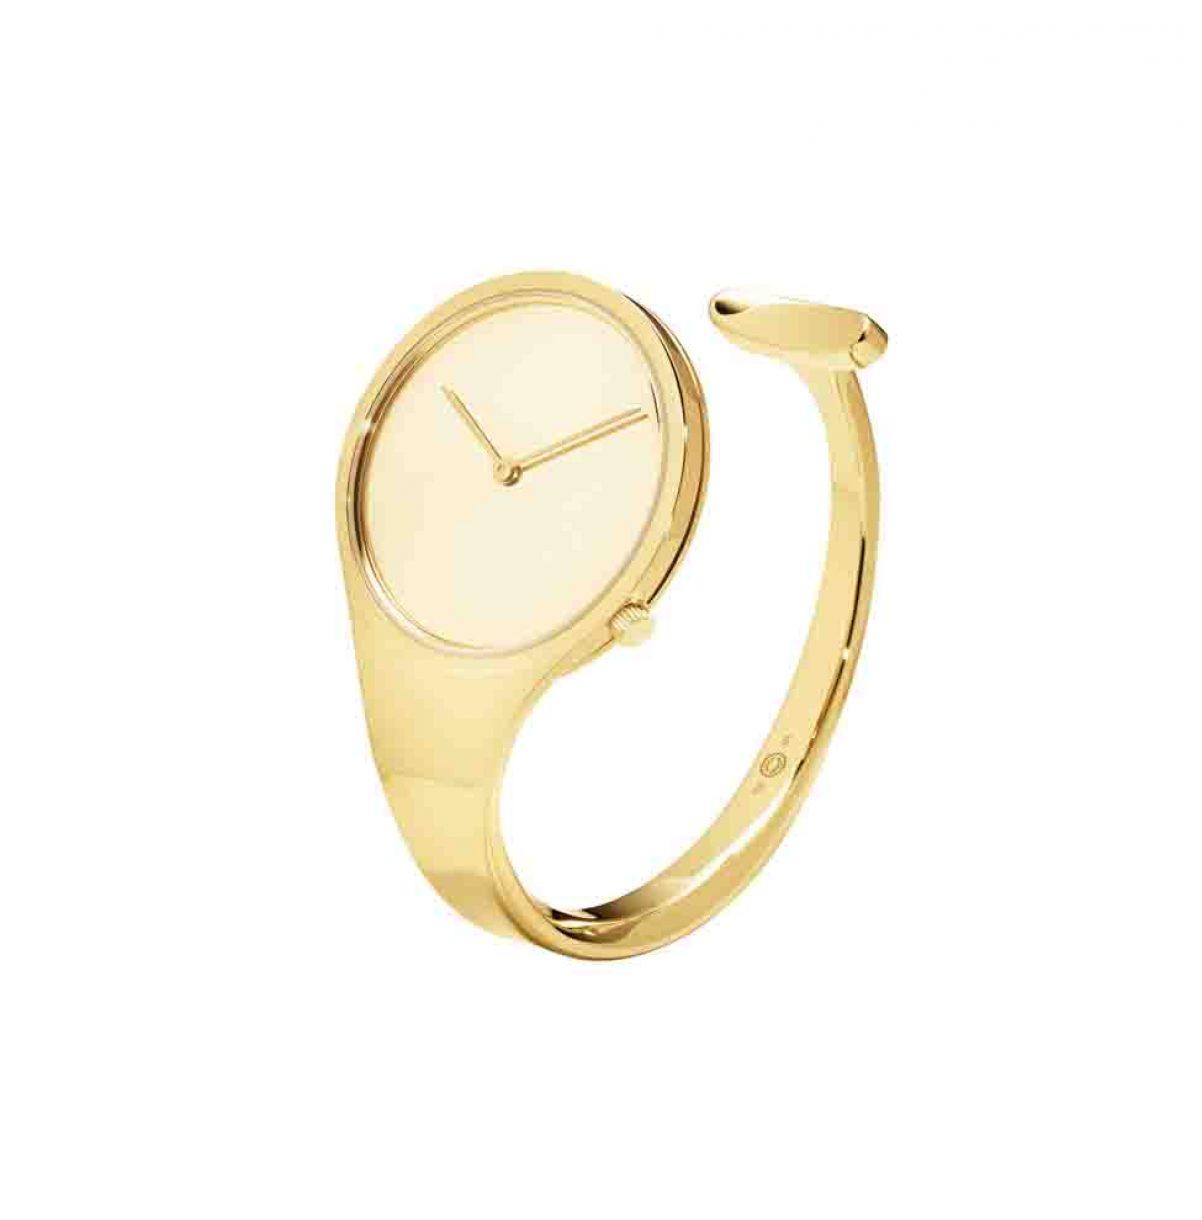 GEORG JENSEN VIVIANNA 18K黃金手鐲錶,參考售價NTD 504,600起。